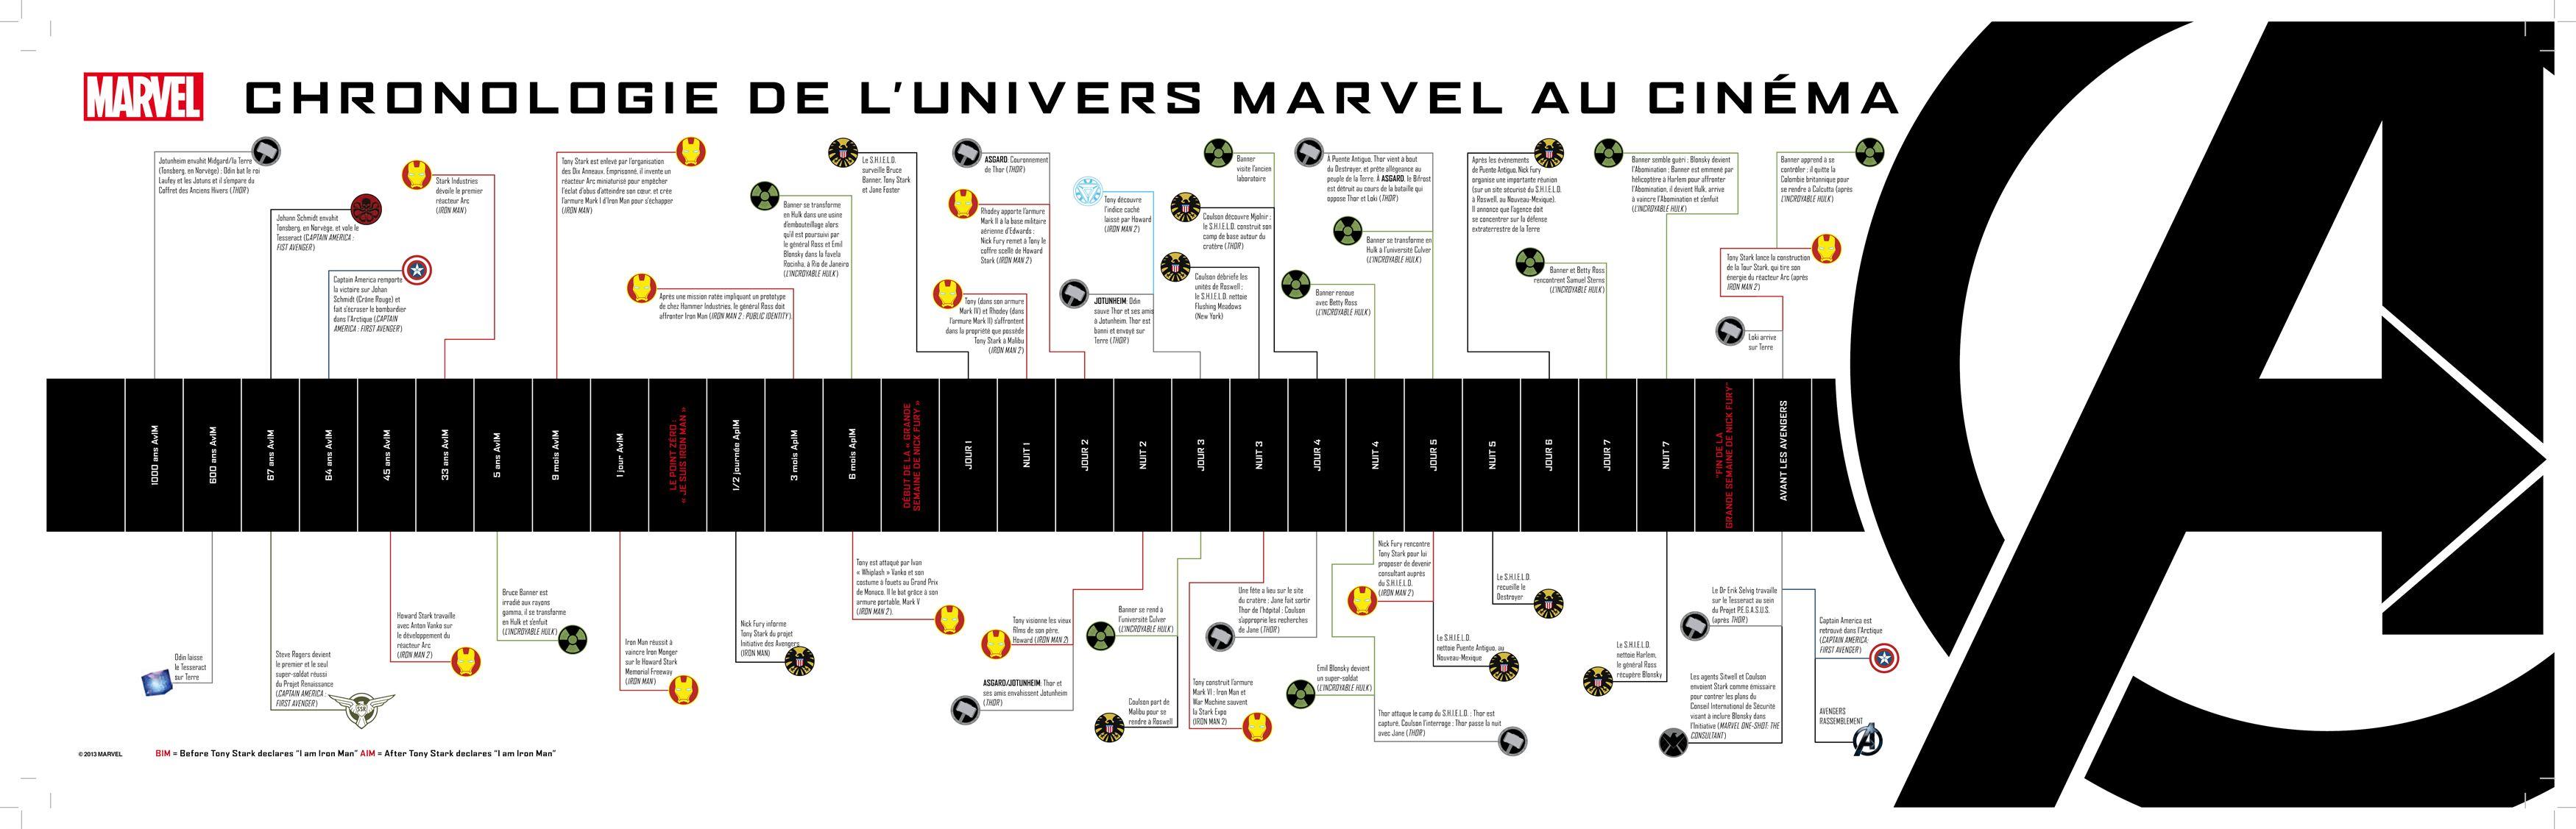 chronologie-des-films-marvel